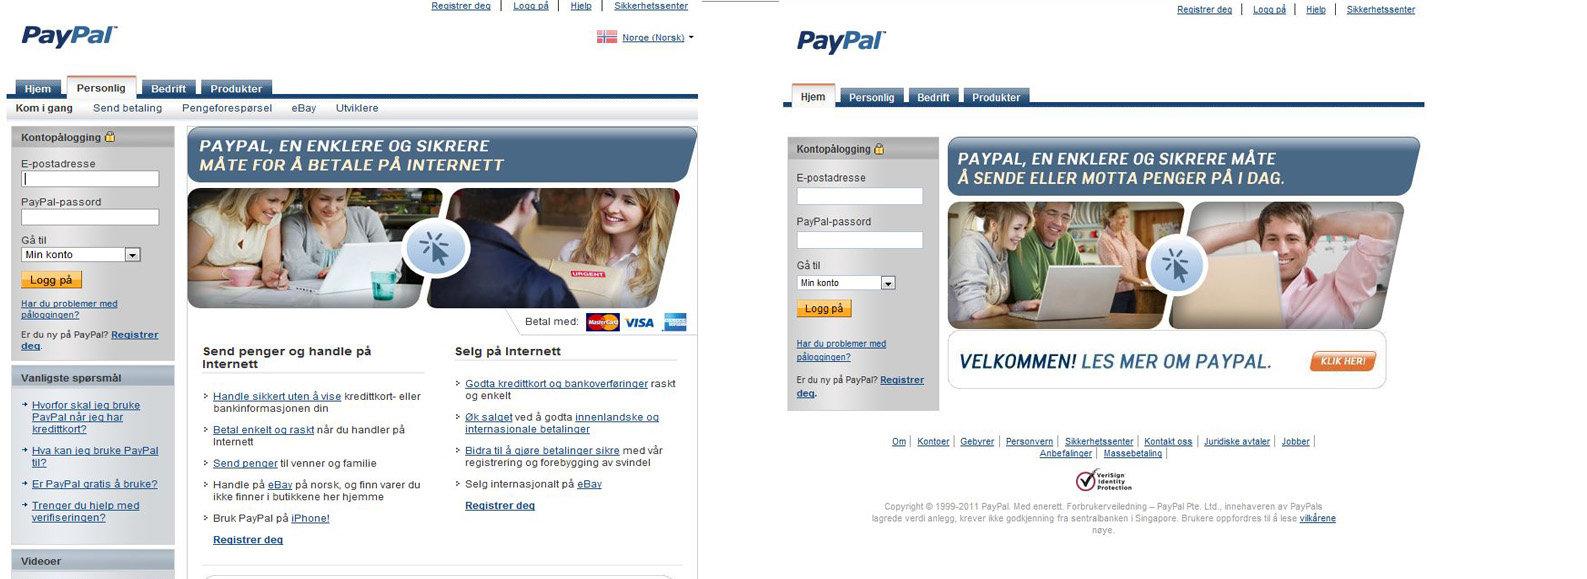 Nettsiden til venstre er ekte vare. Logger du deg inn på siden til høyre, kan du risikere at noen stikker av med pengene dine.